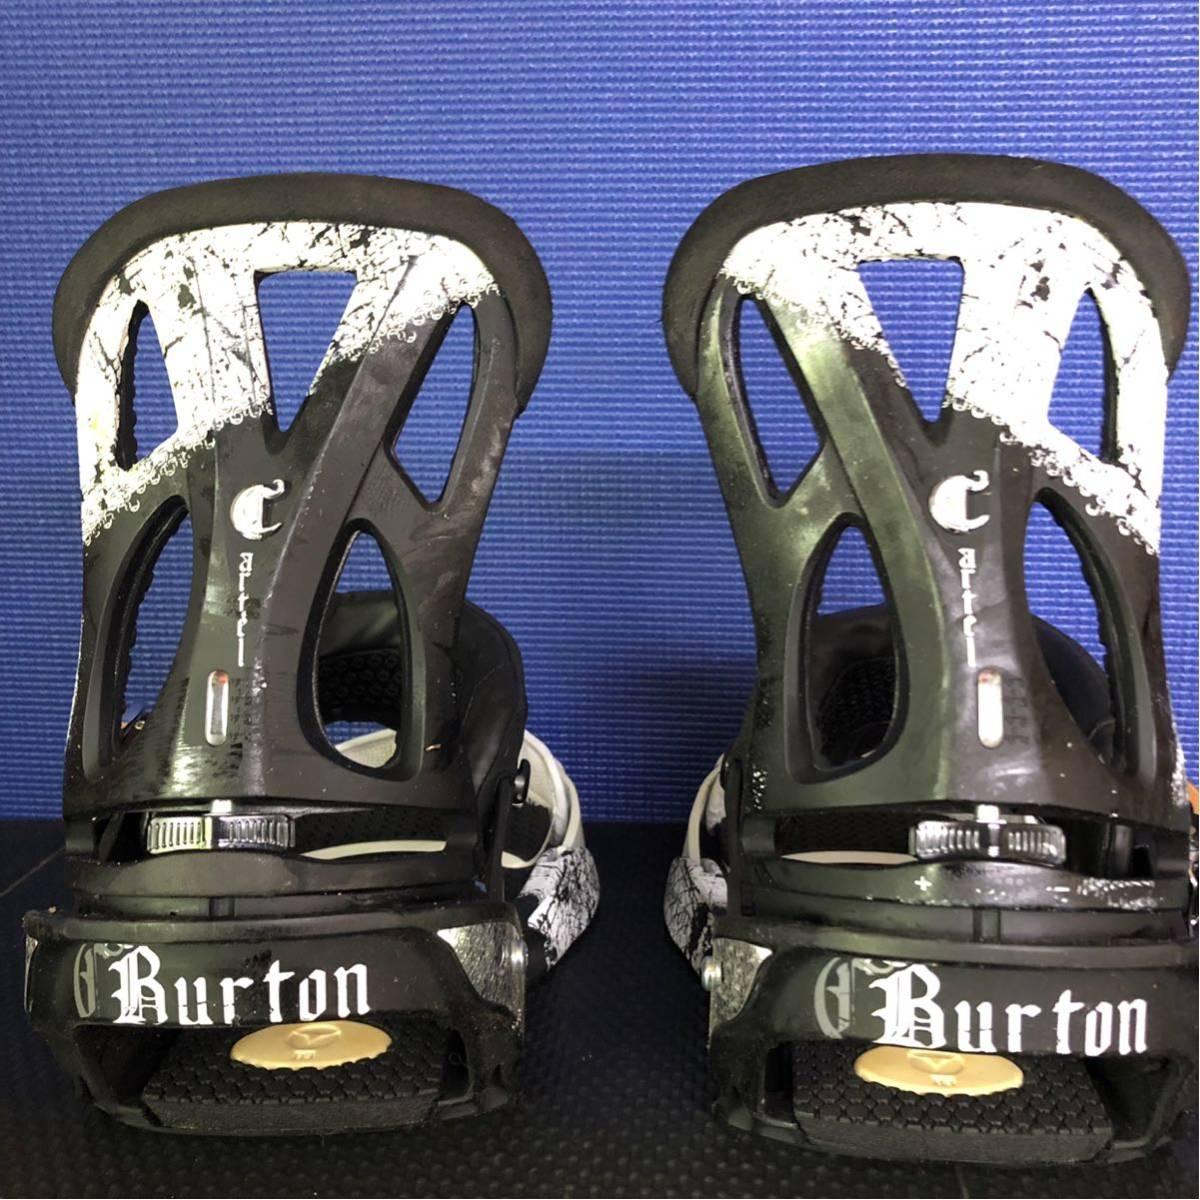 【BD016】激安!! BURTON (バートン) / モデル: CARTEL / サイズ:M/ スノーボード・バインディング 初心者歓迎!!_画像3